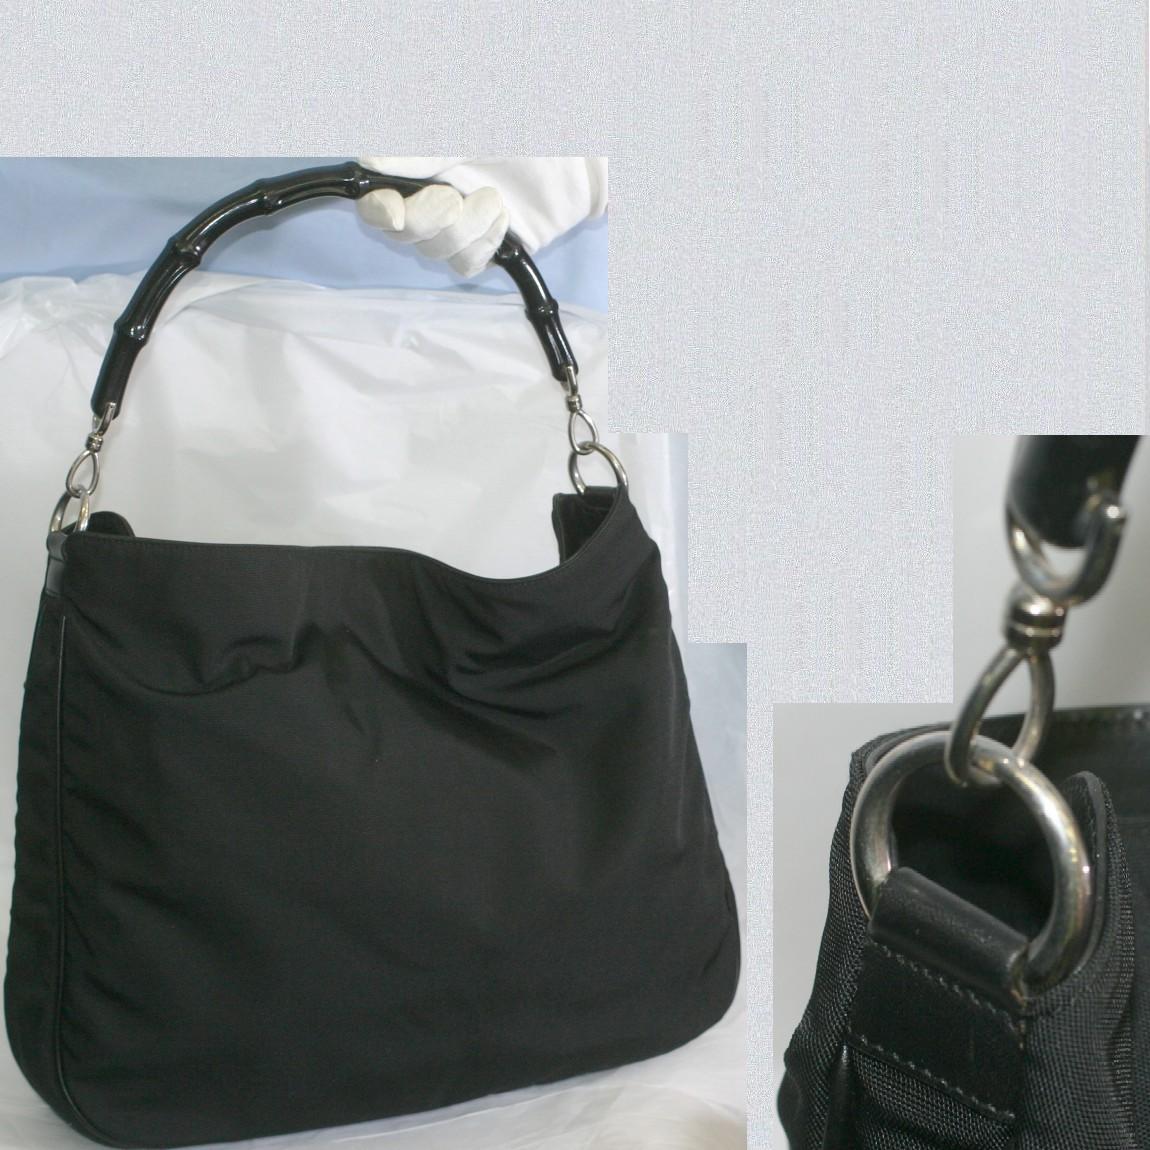 【中古】本物可グッチ女性用黒いバンブー持ち手ナイロンキャンバスx黒革素材ホーボーセミショルダーバッグ サイズW38H31D10cm